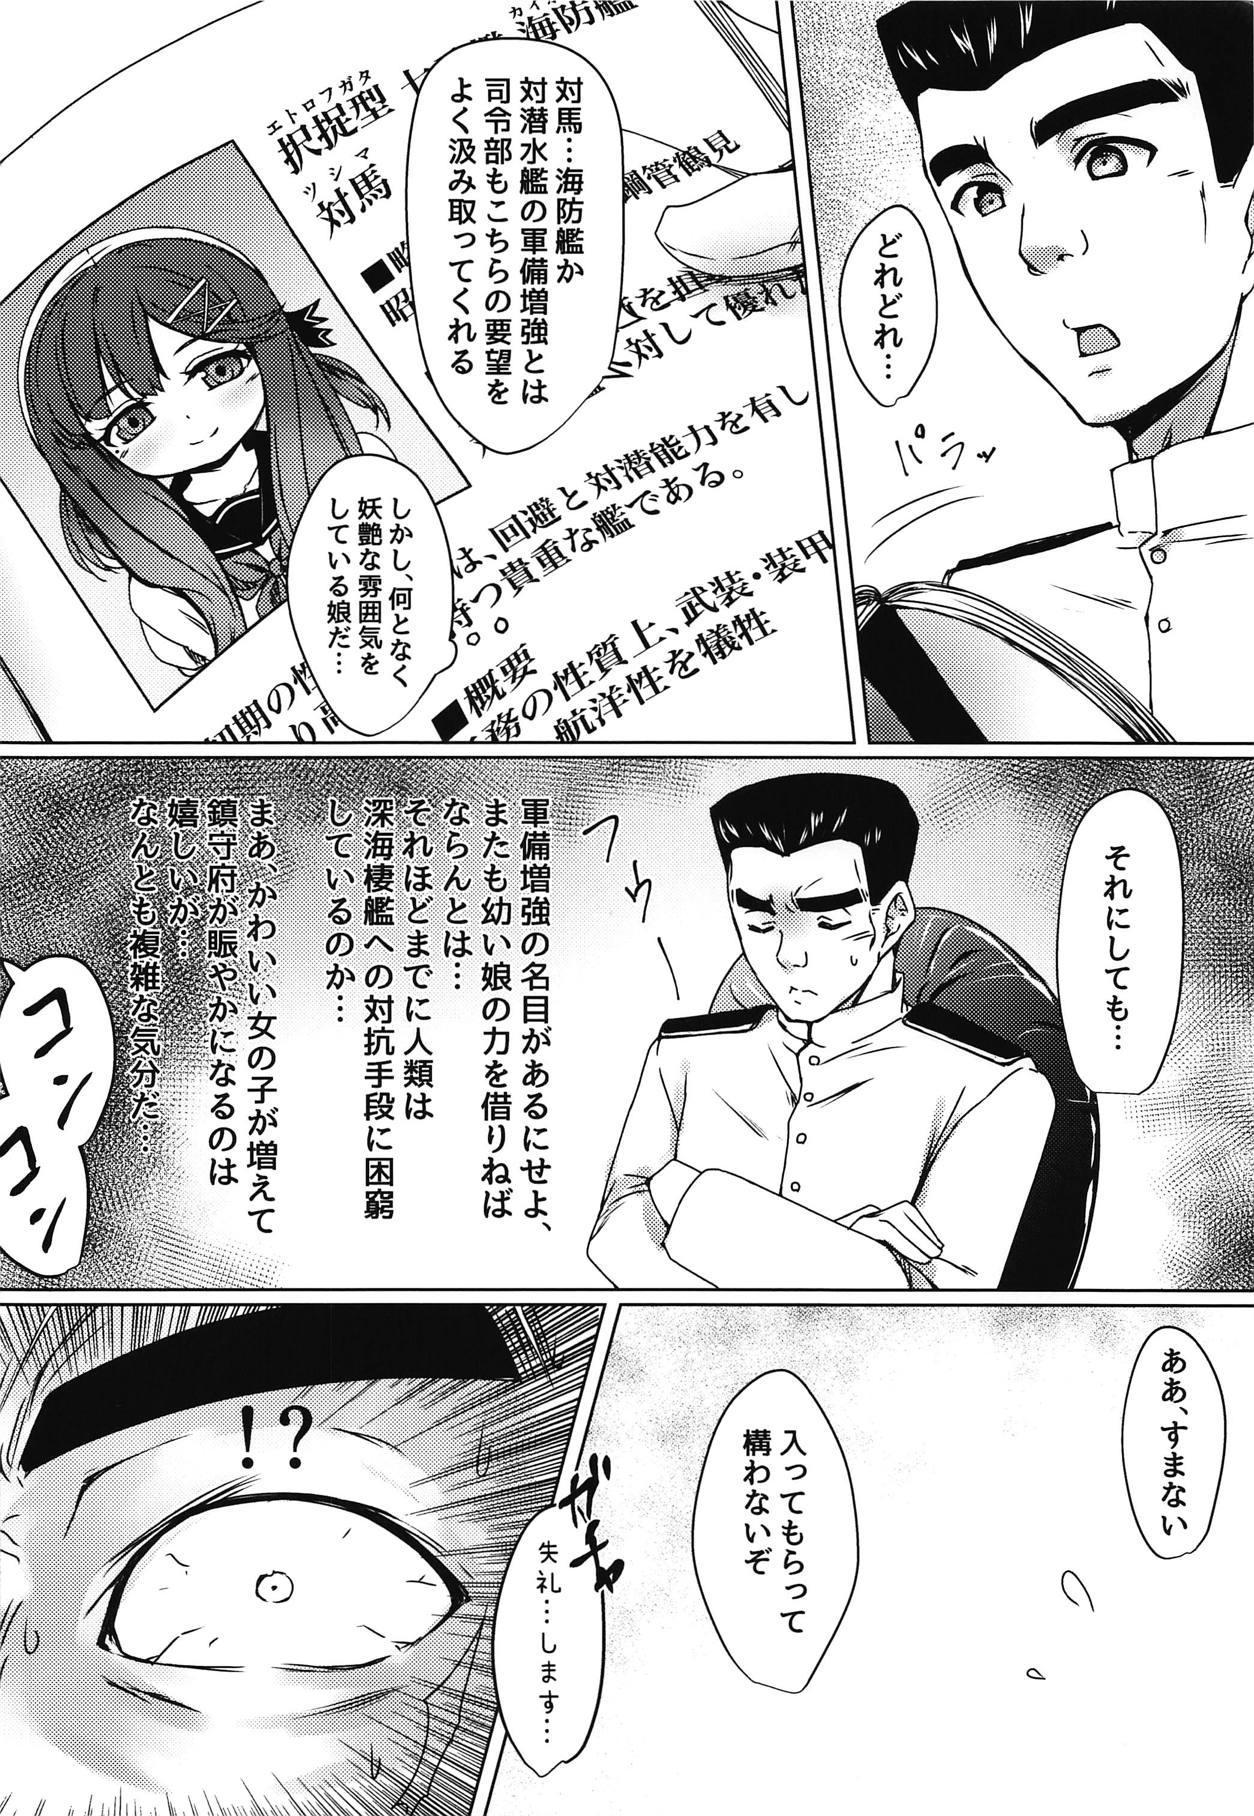 Kaiboukan to Himitsu no Enshuu 4